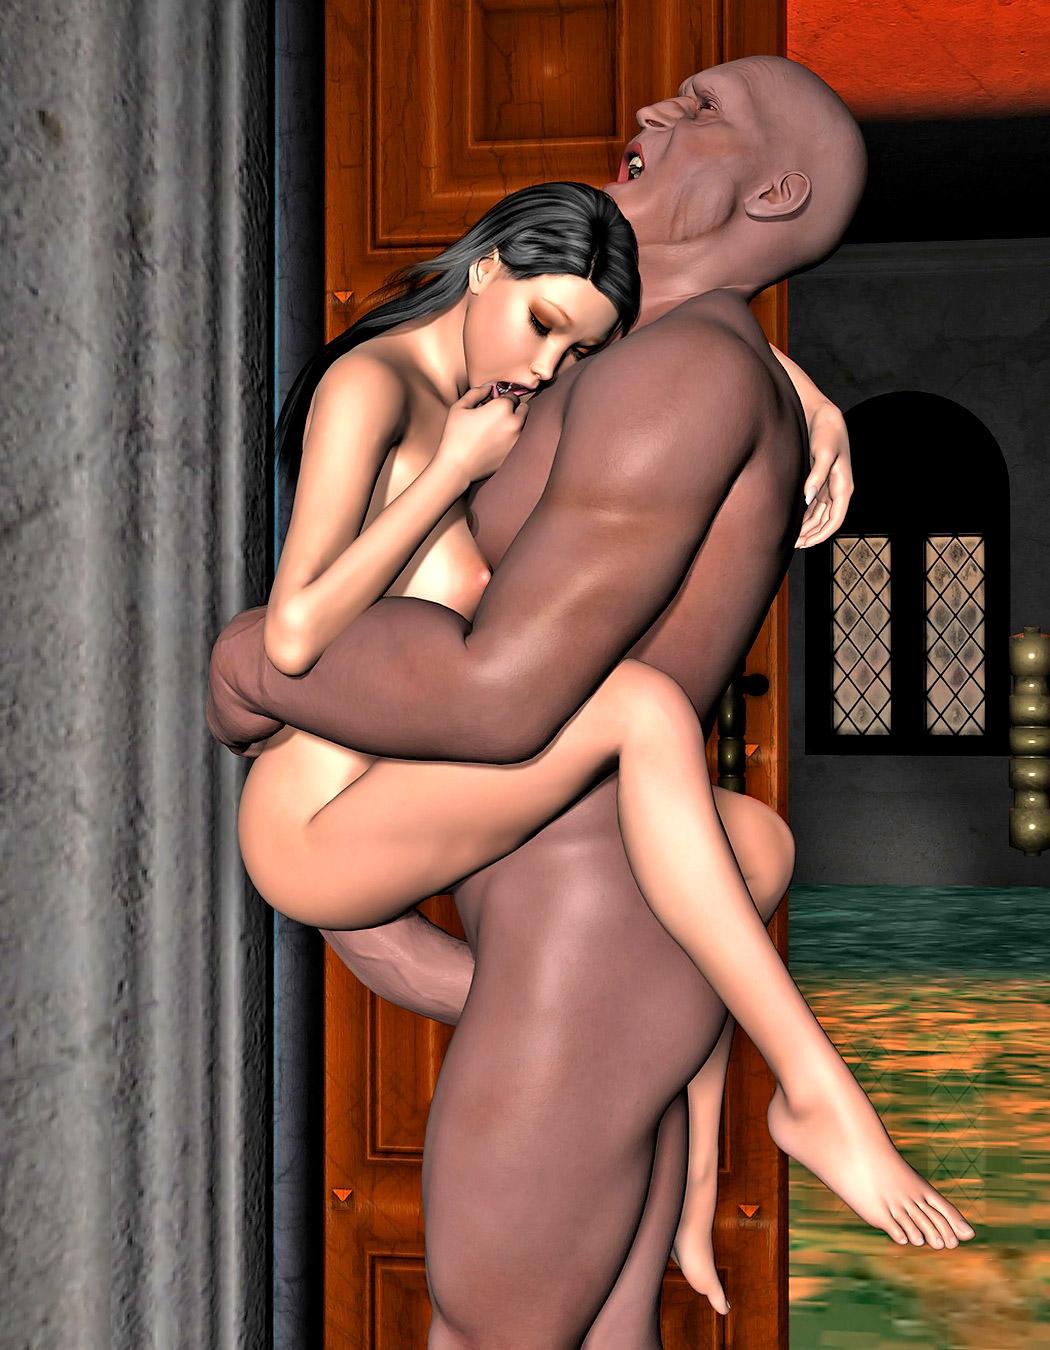 Naked fantasy cartoons hentia image